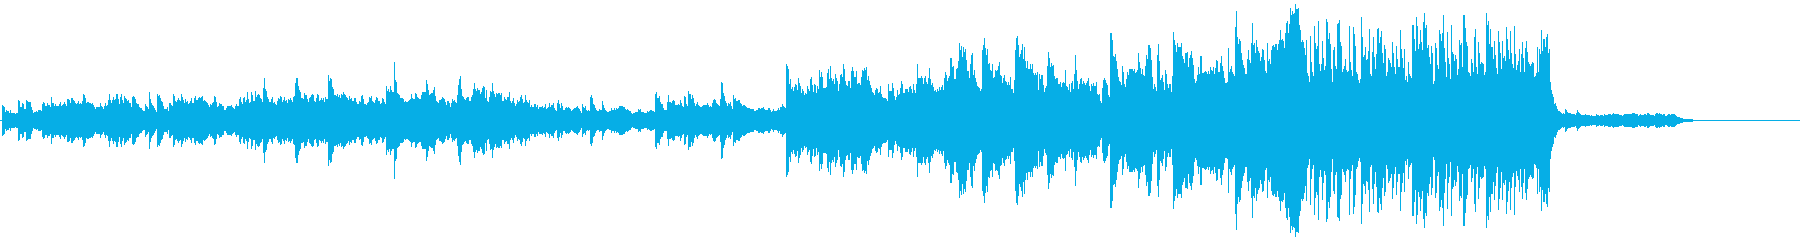 さわやかな小編成オーケストラの再生済みの波形